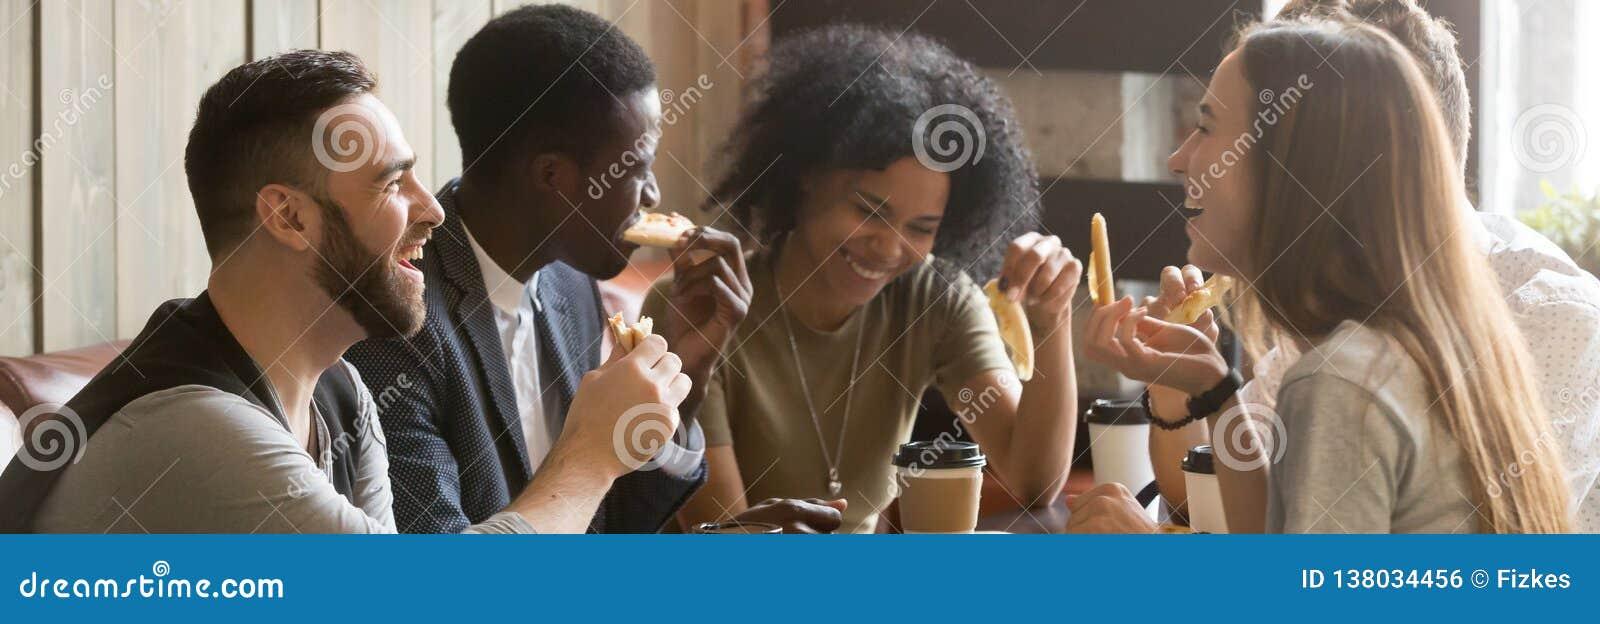 水平的喝咖啡的图象多种族朋友吃比萨在咖啡馆